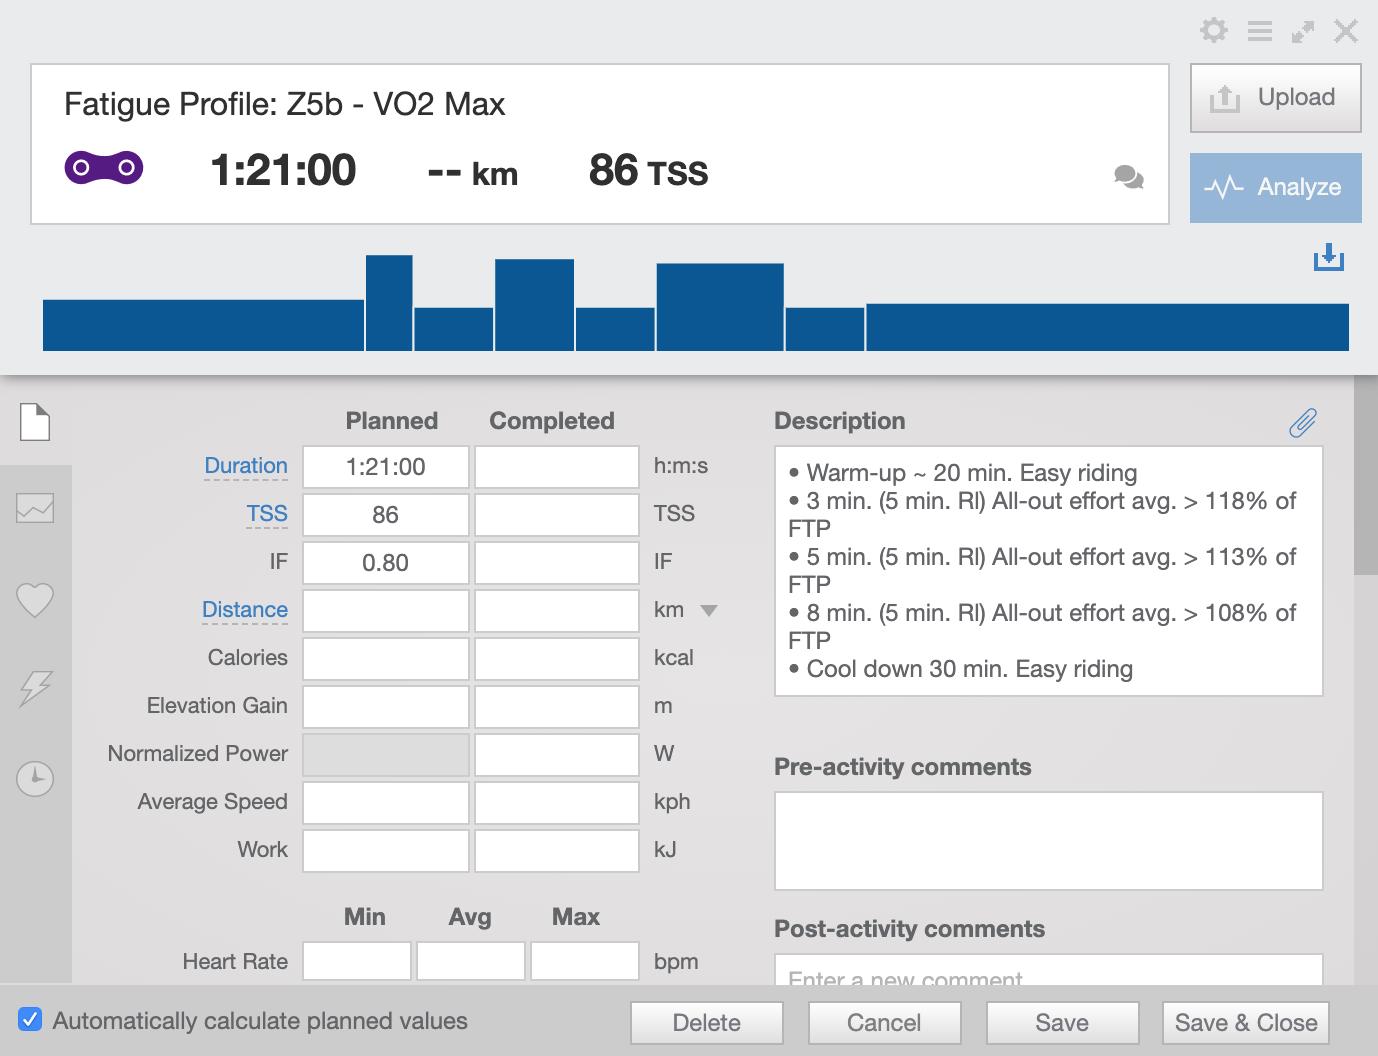 Fatigue Profile protocol for VO2 Max zone